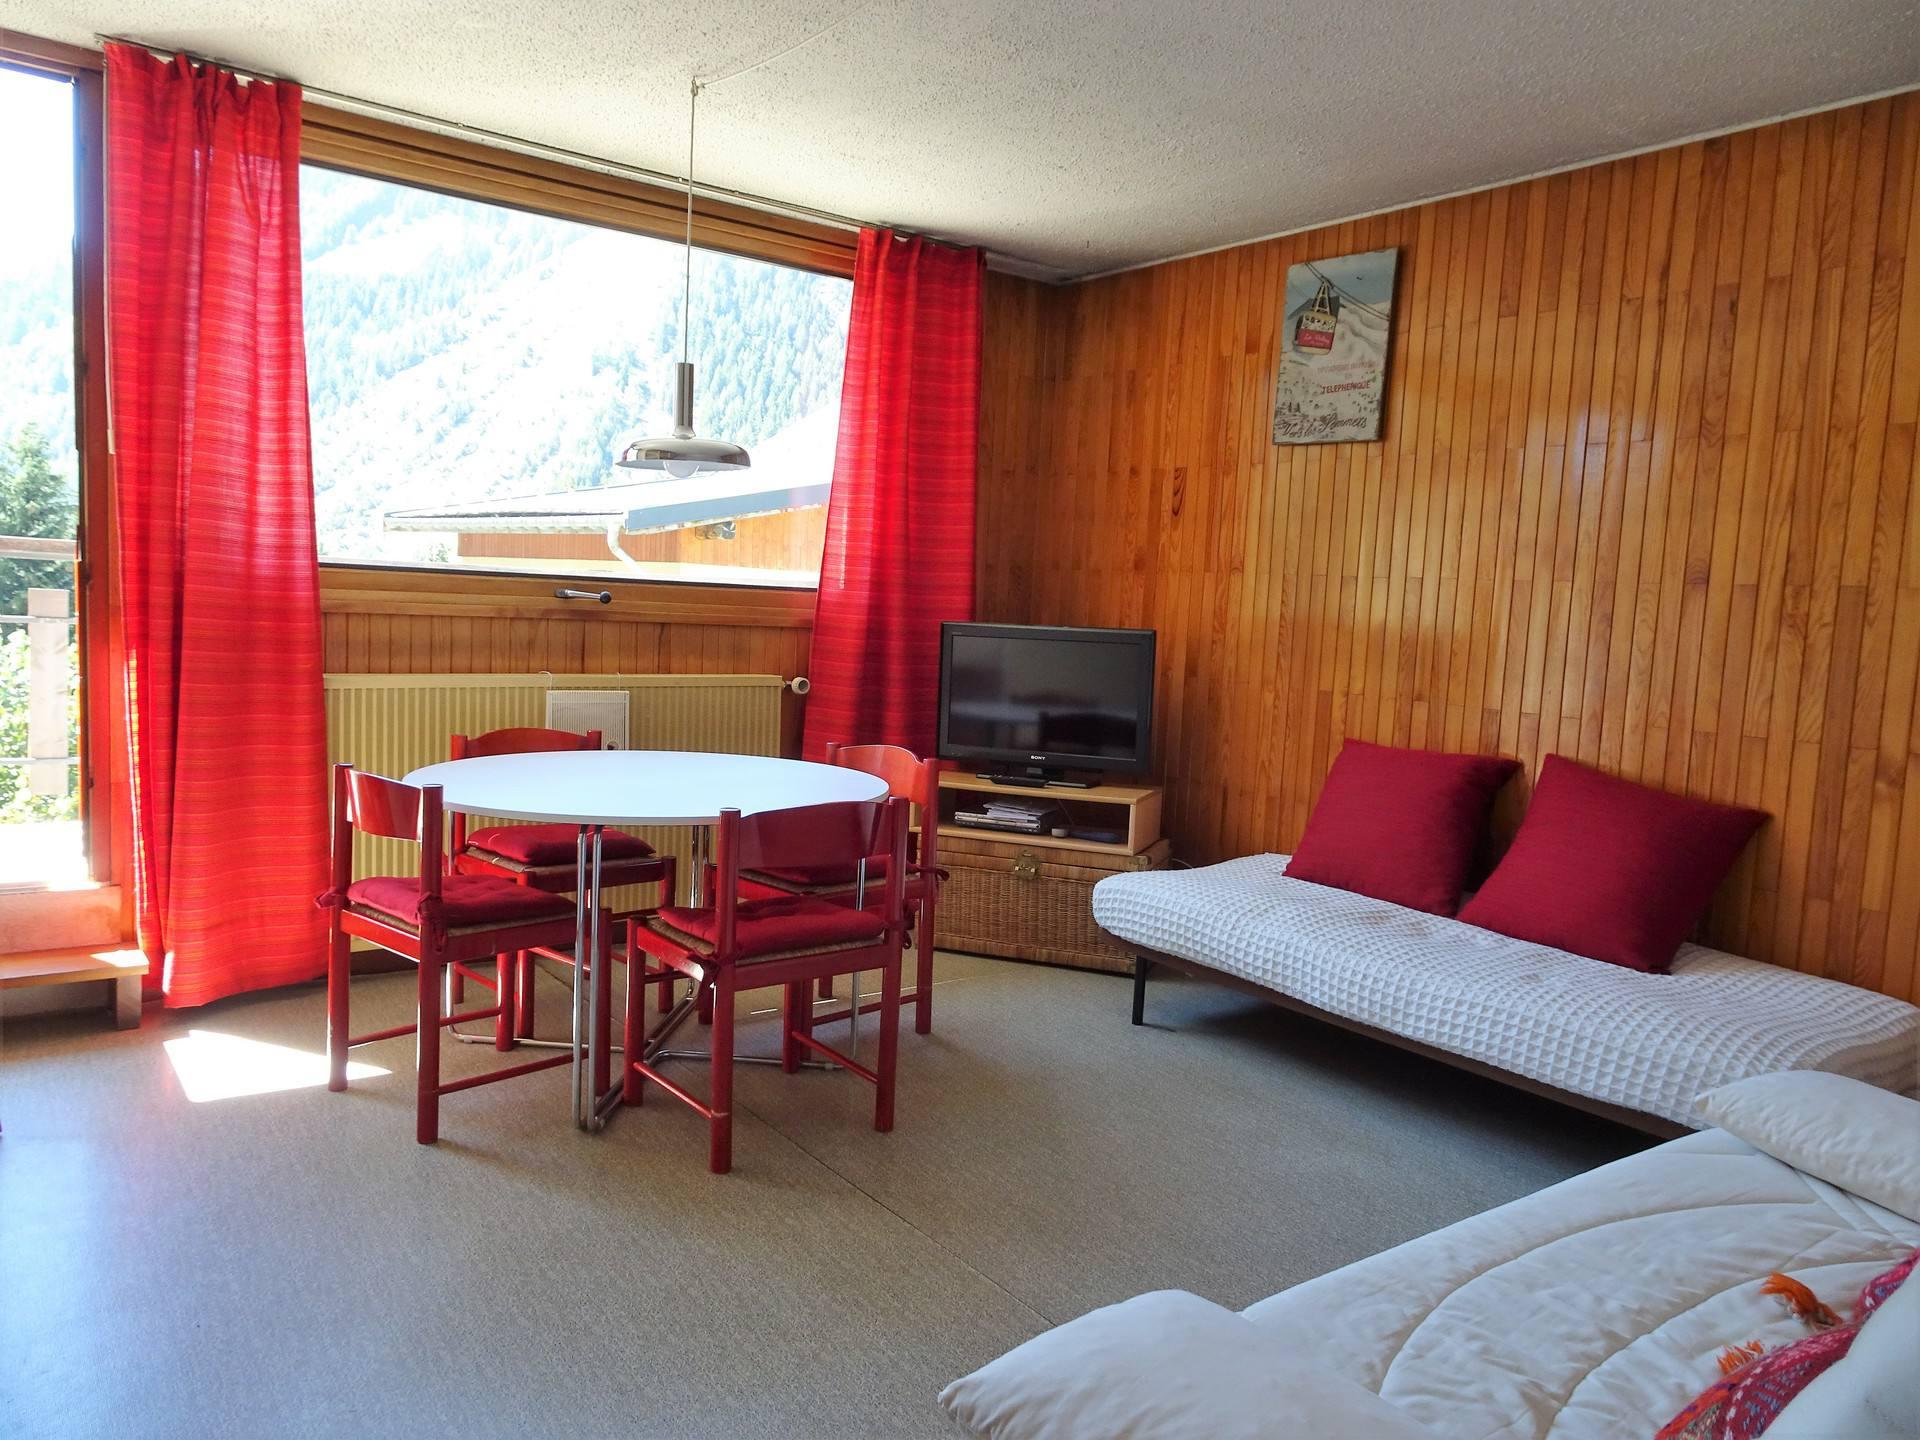 Location référence : PTMARCHETD2 à Pralognan la Vanoise